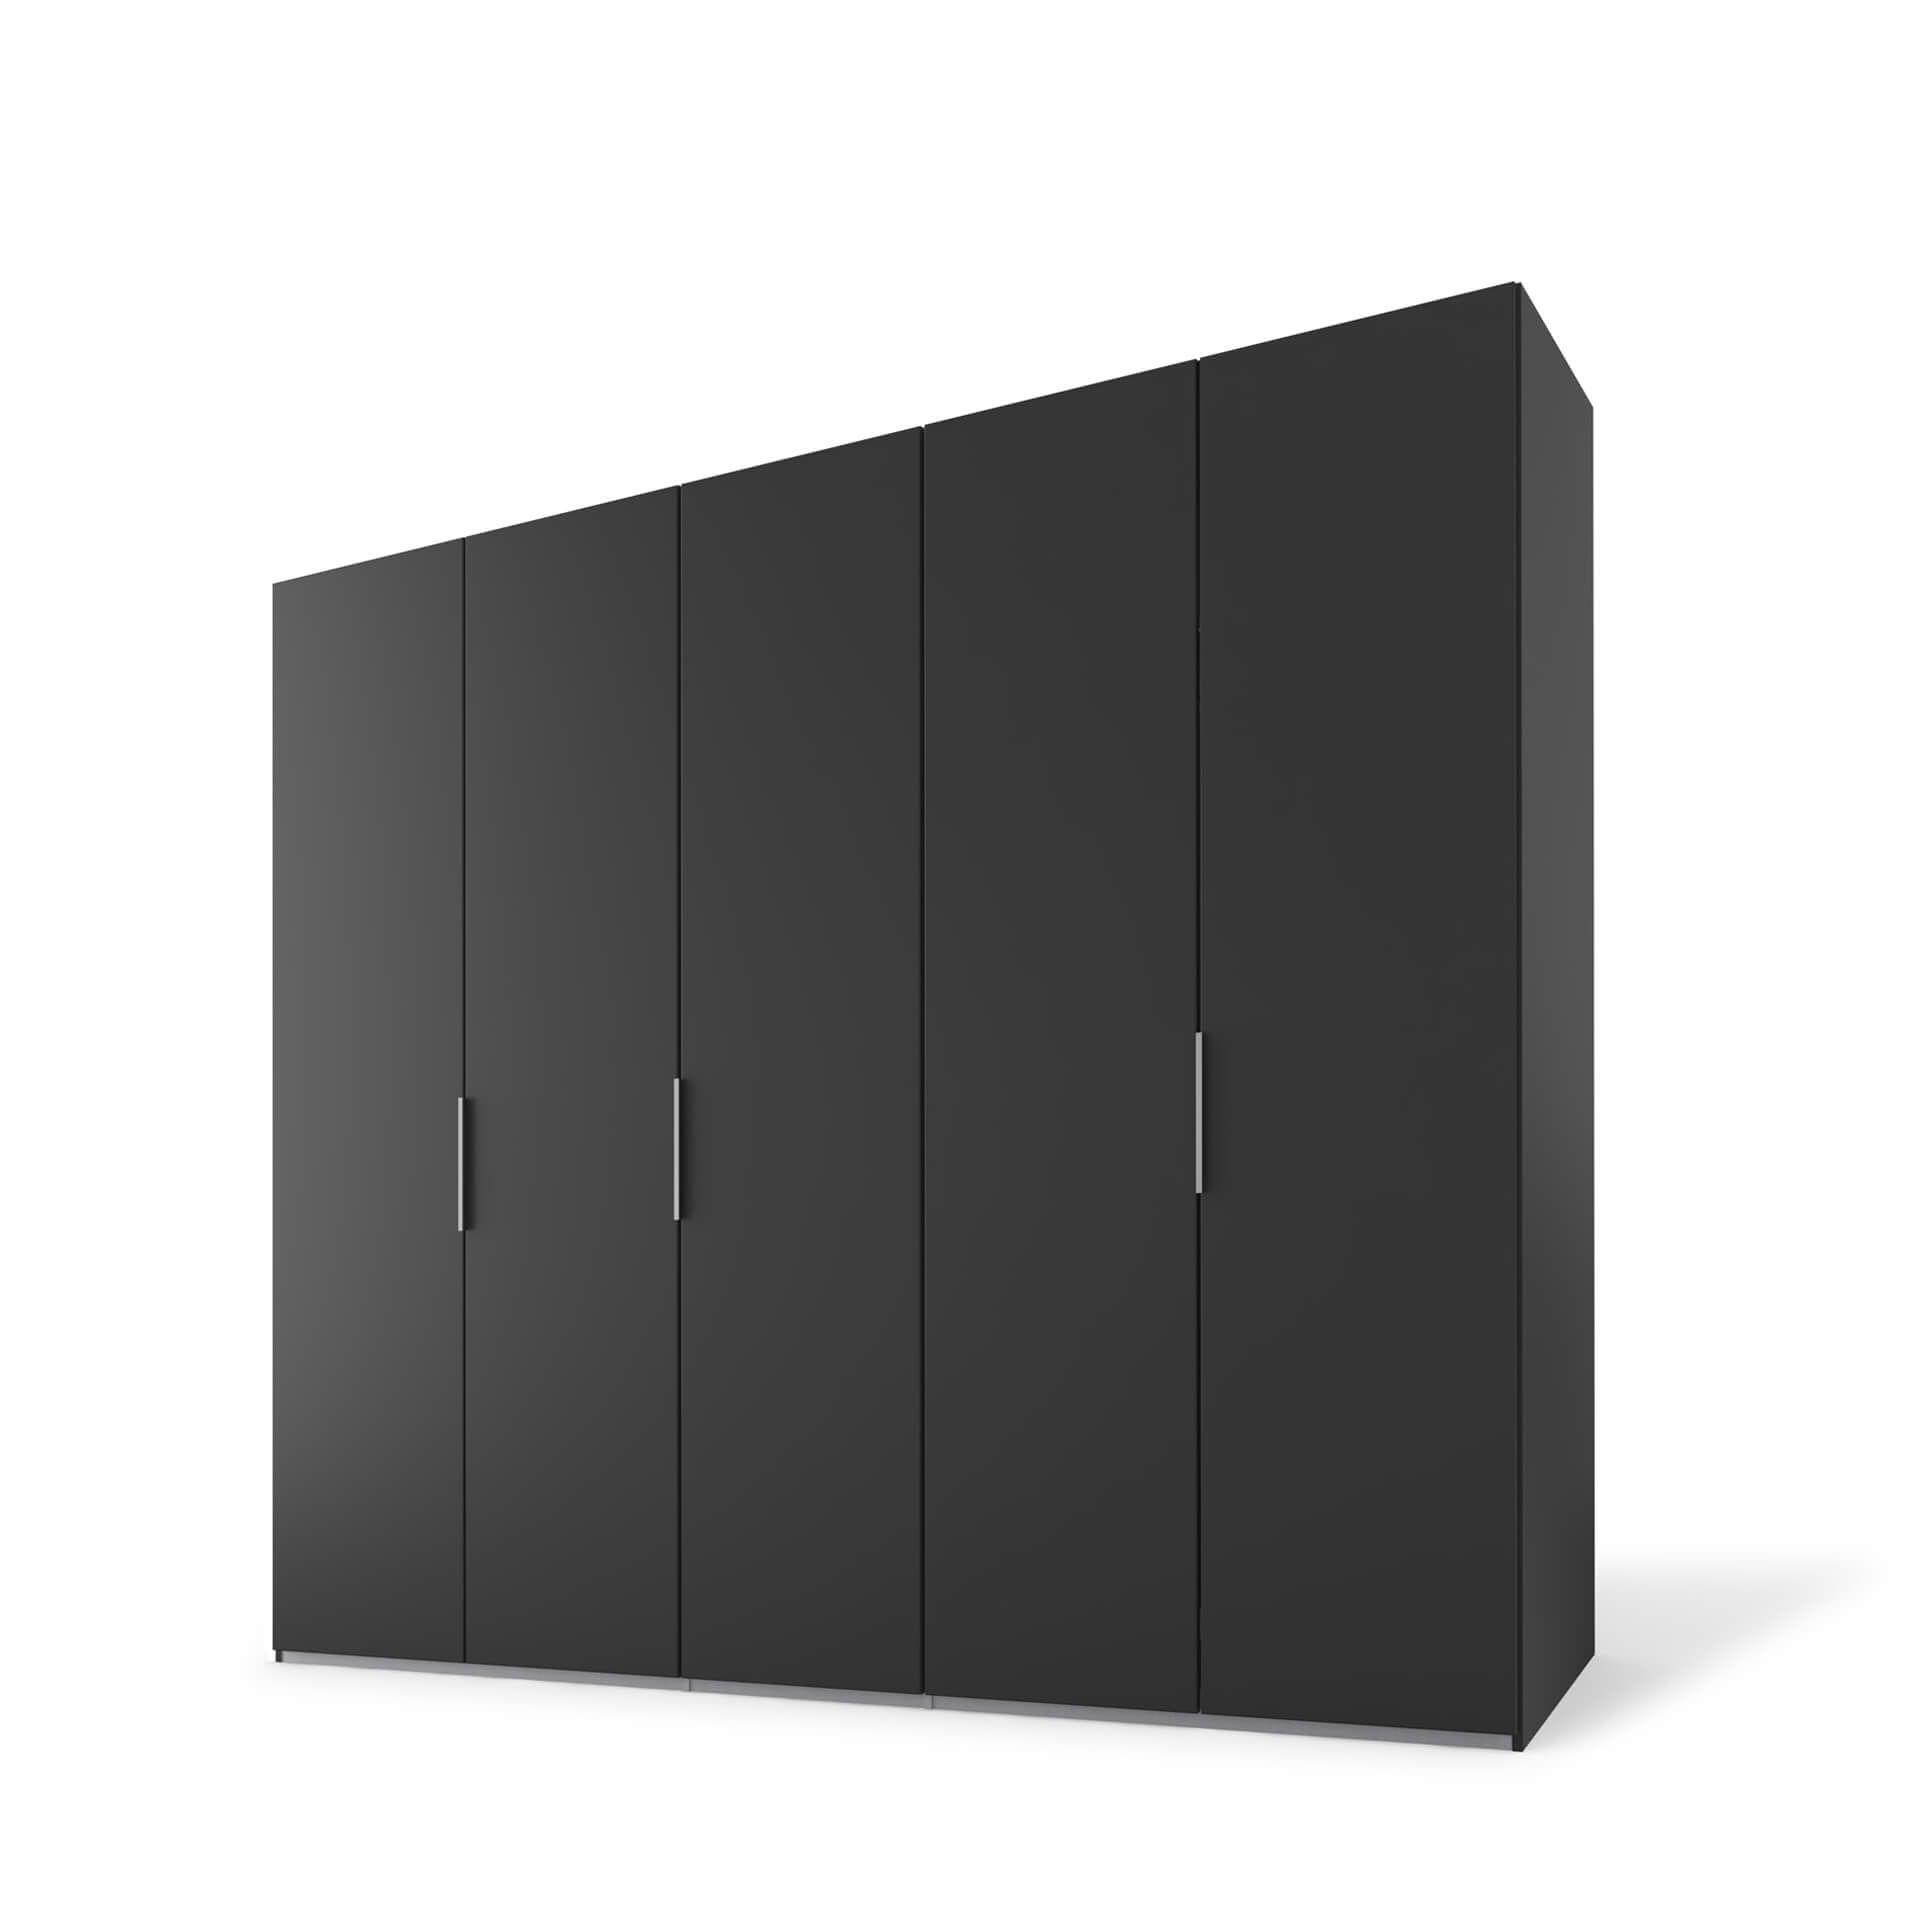 Nolte swift Draaideurkast - 5 deurs Basalt